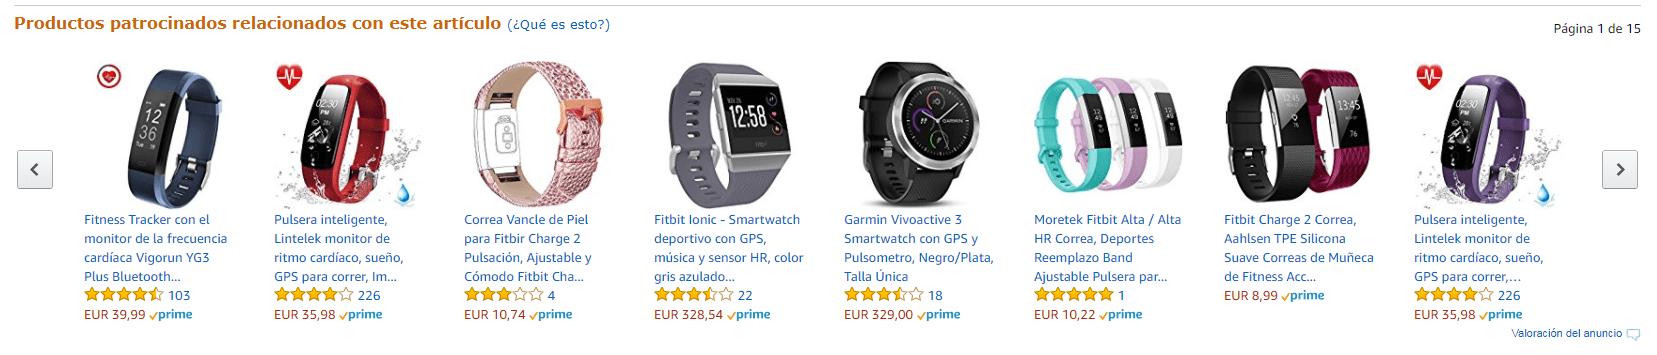 Productos relacionados Amazon